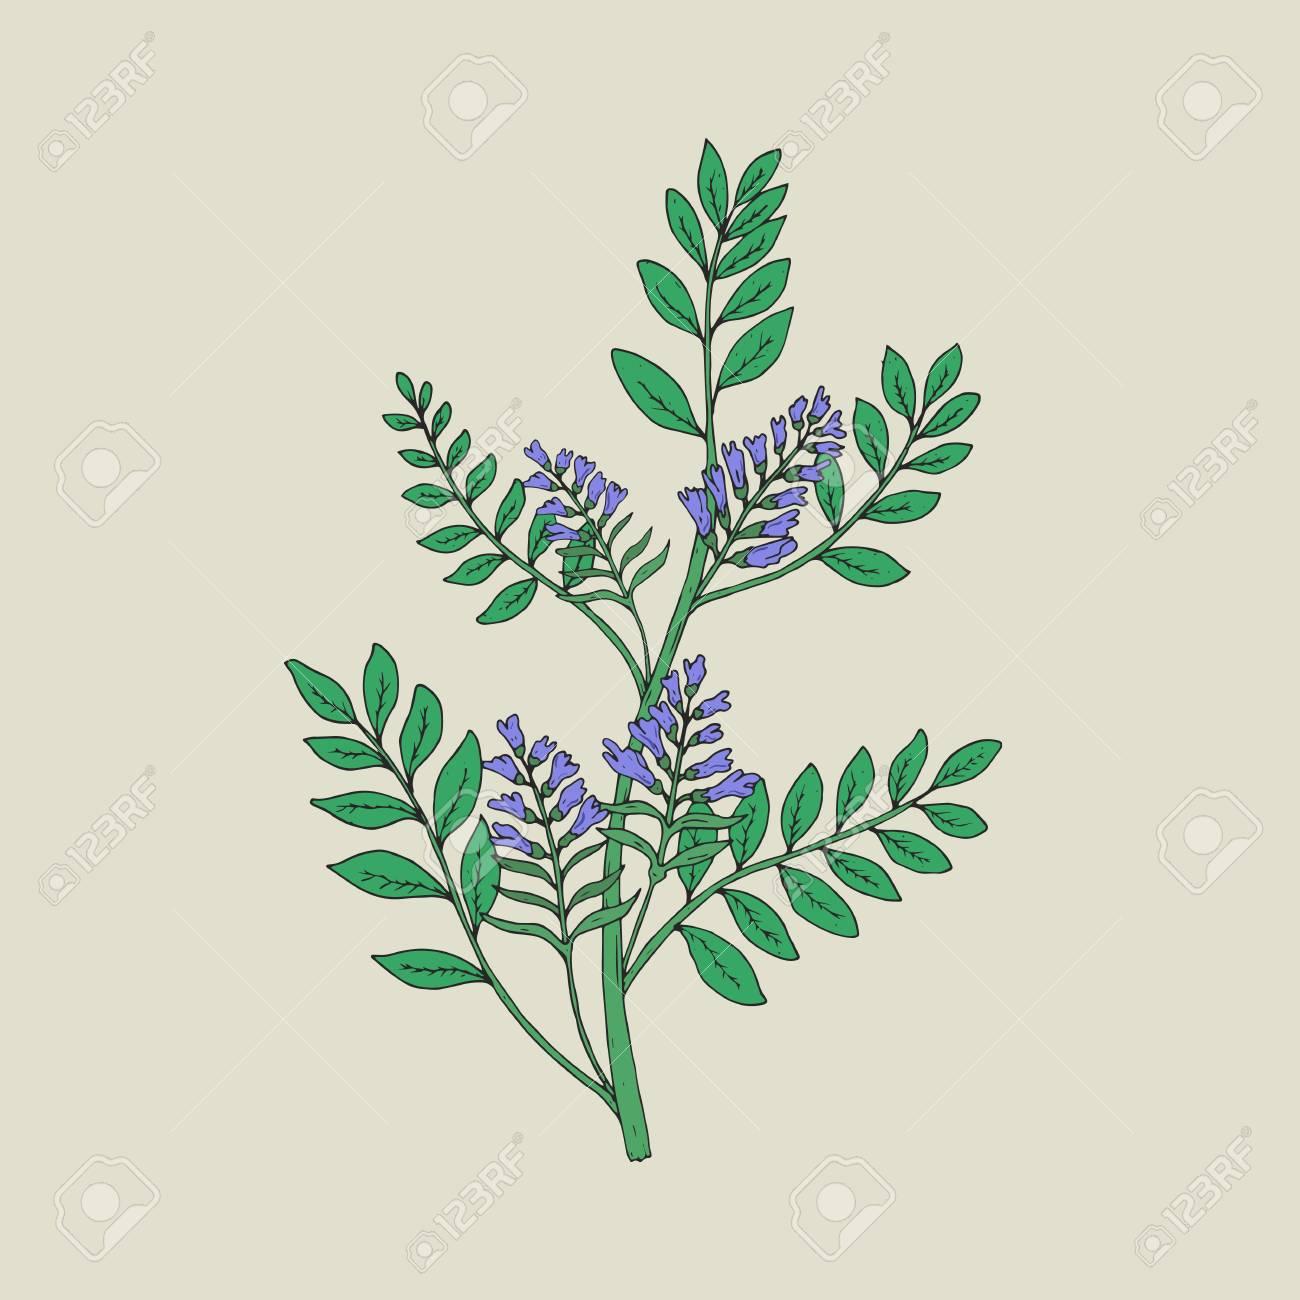 Joli Dessin Botanique De Plante De Réglisse Fleurie Avec Des Inflorescences Et Des Feuilles De Belles Fleurs Dessinées à La Main Dans Un Style